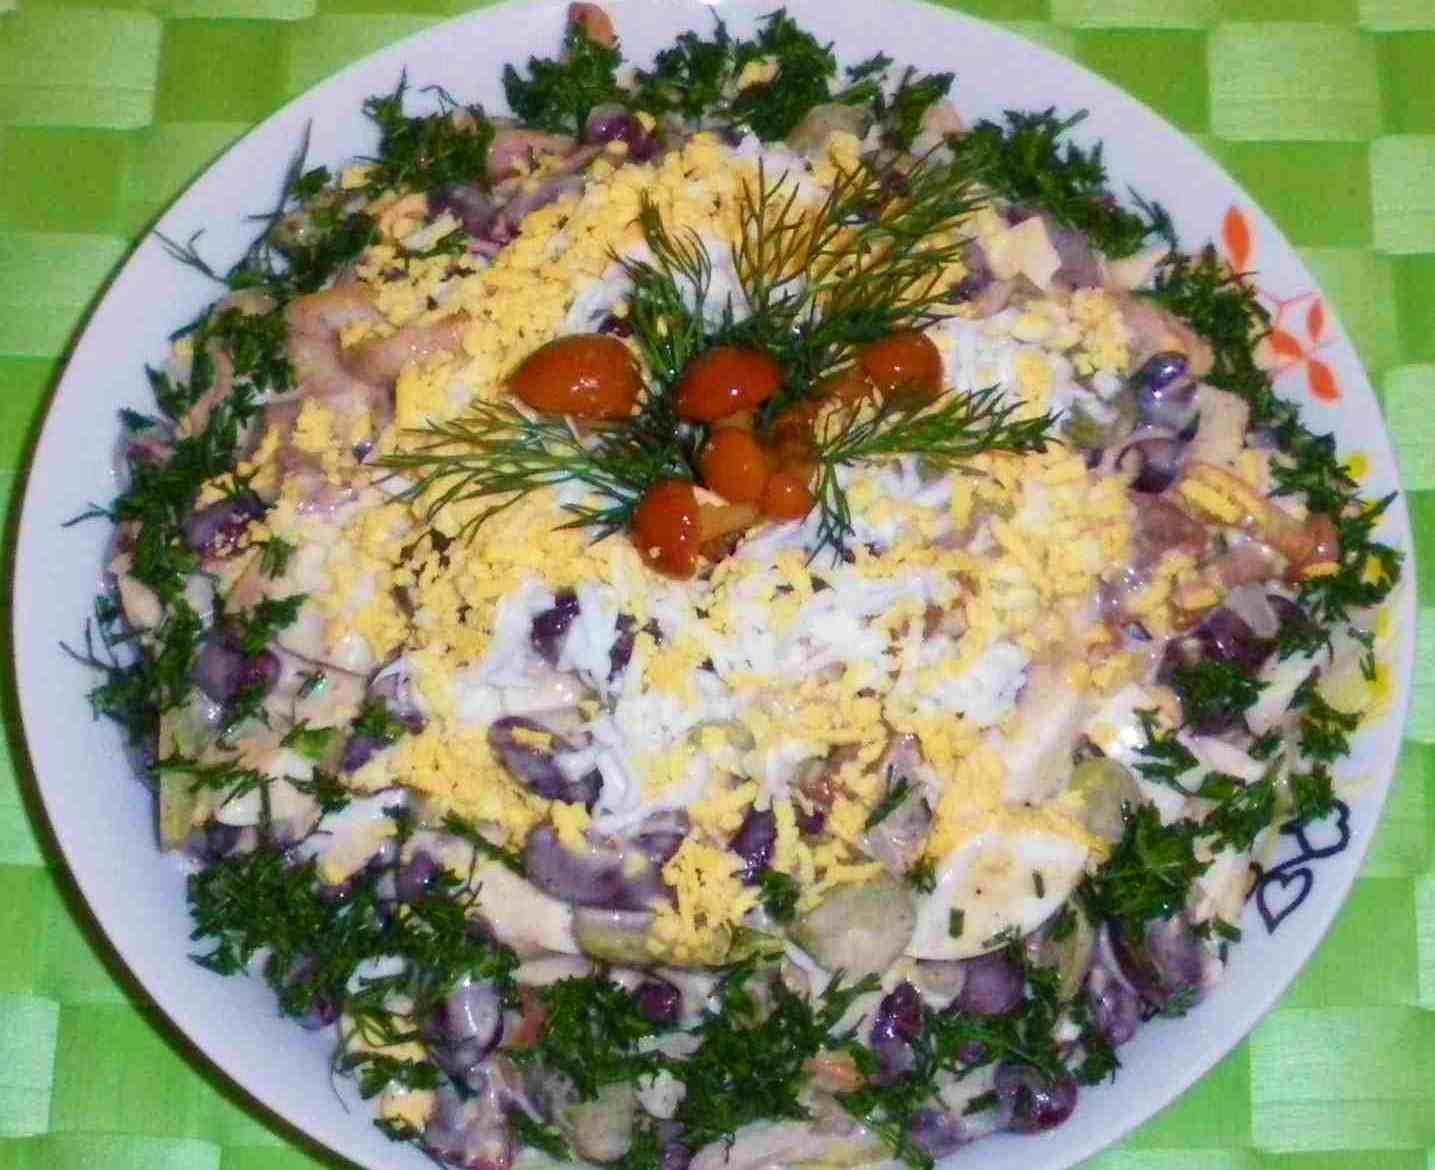 Салат с грибами и с огурцами солеными огурцами рецепт